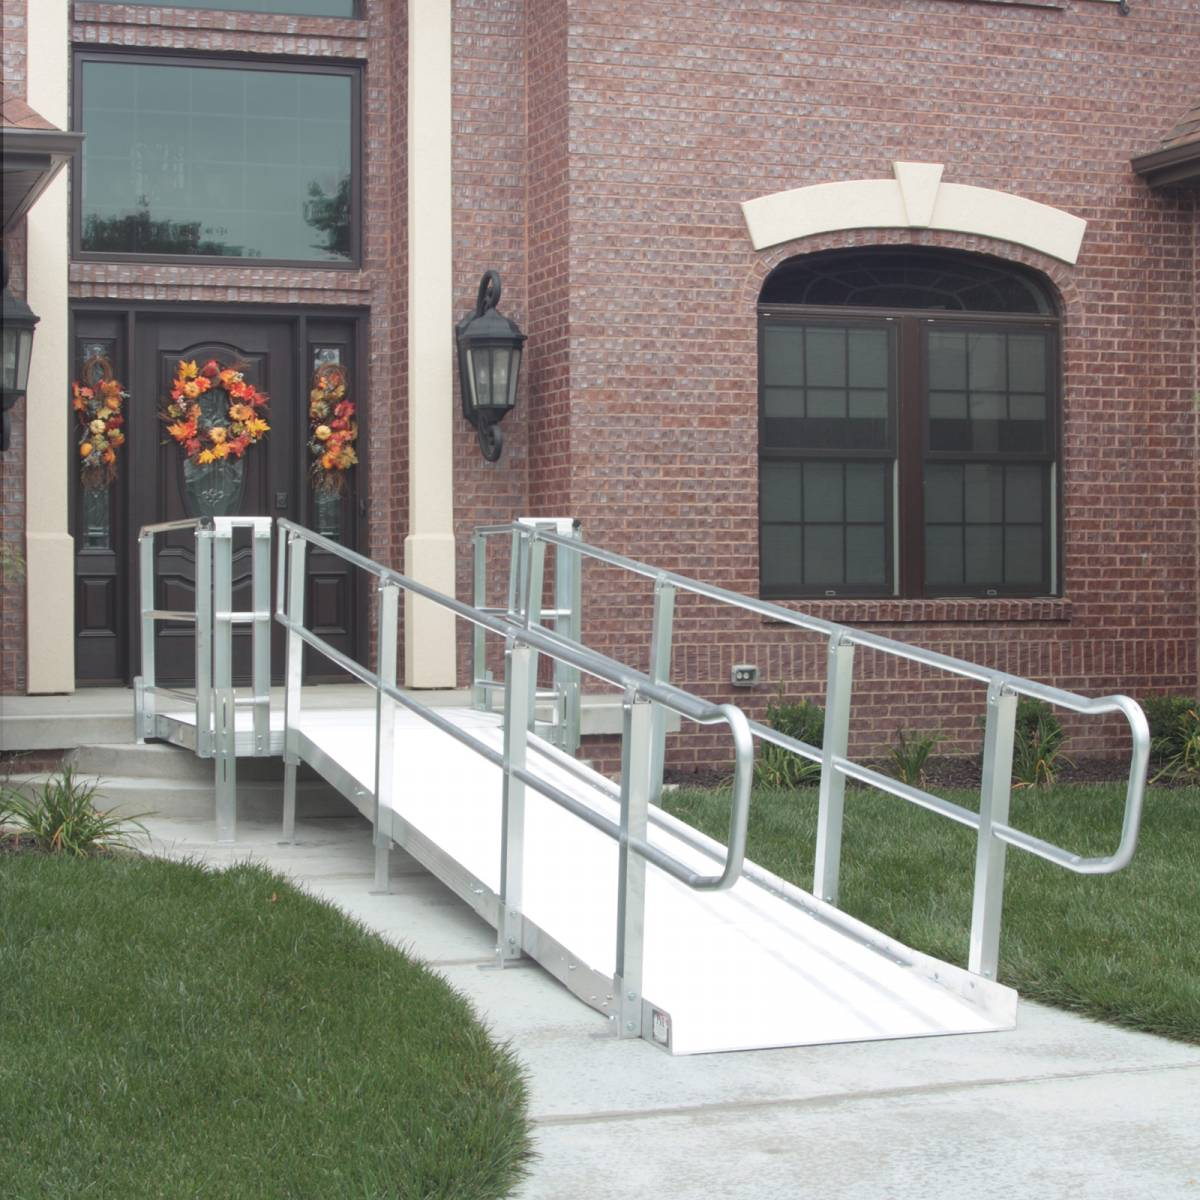 ramp-pvi-modular-pic-01.jpg